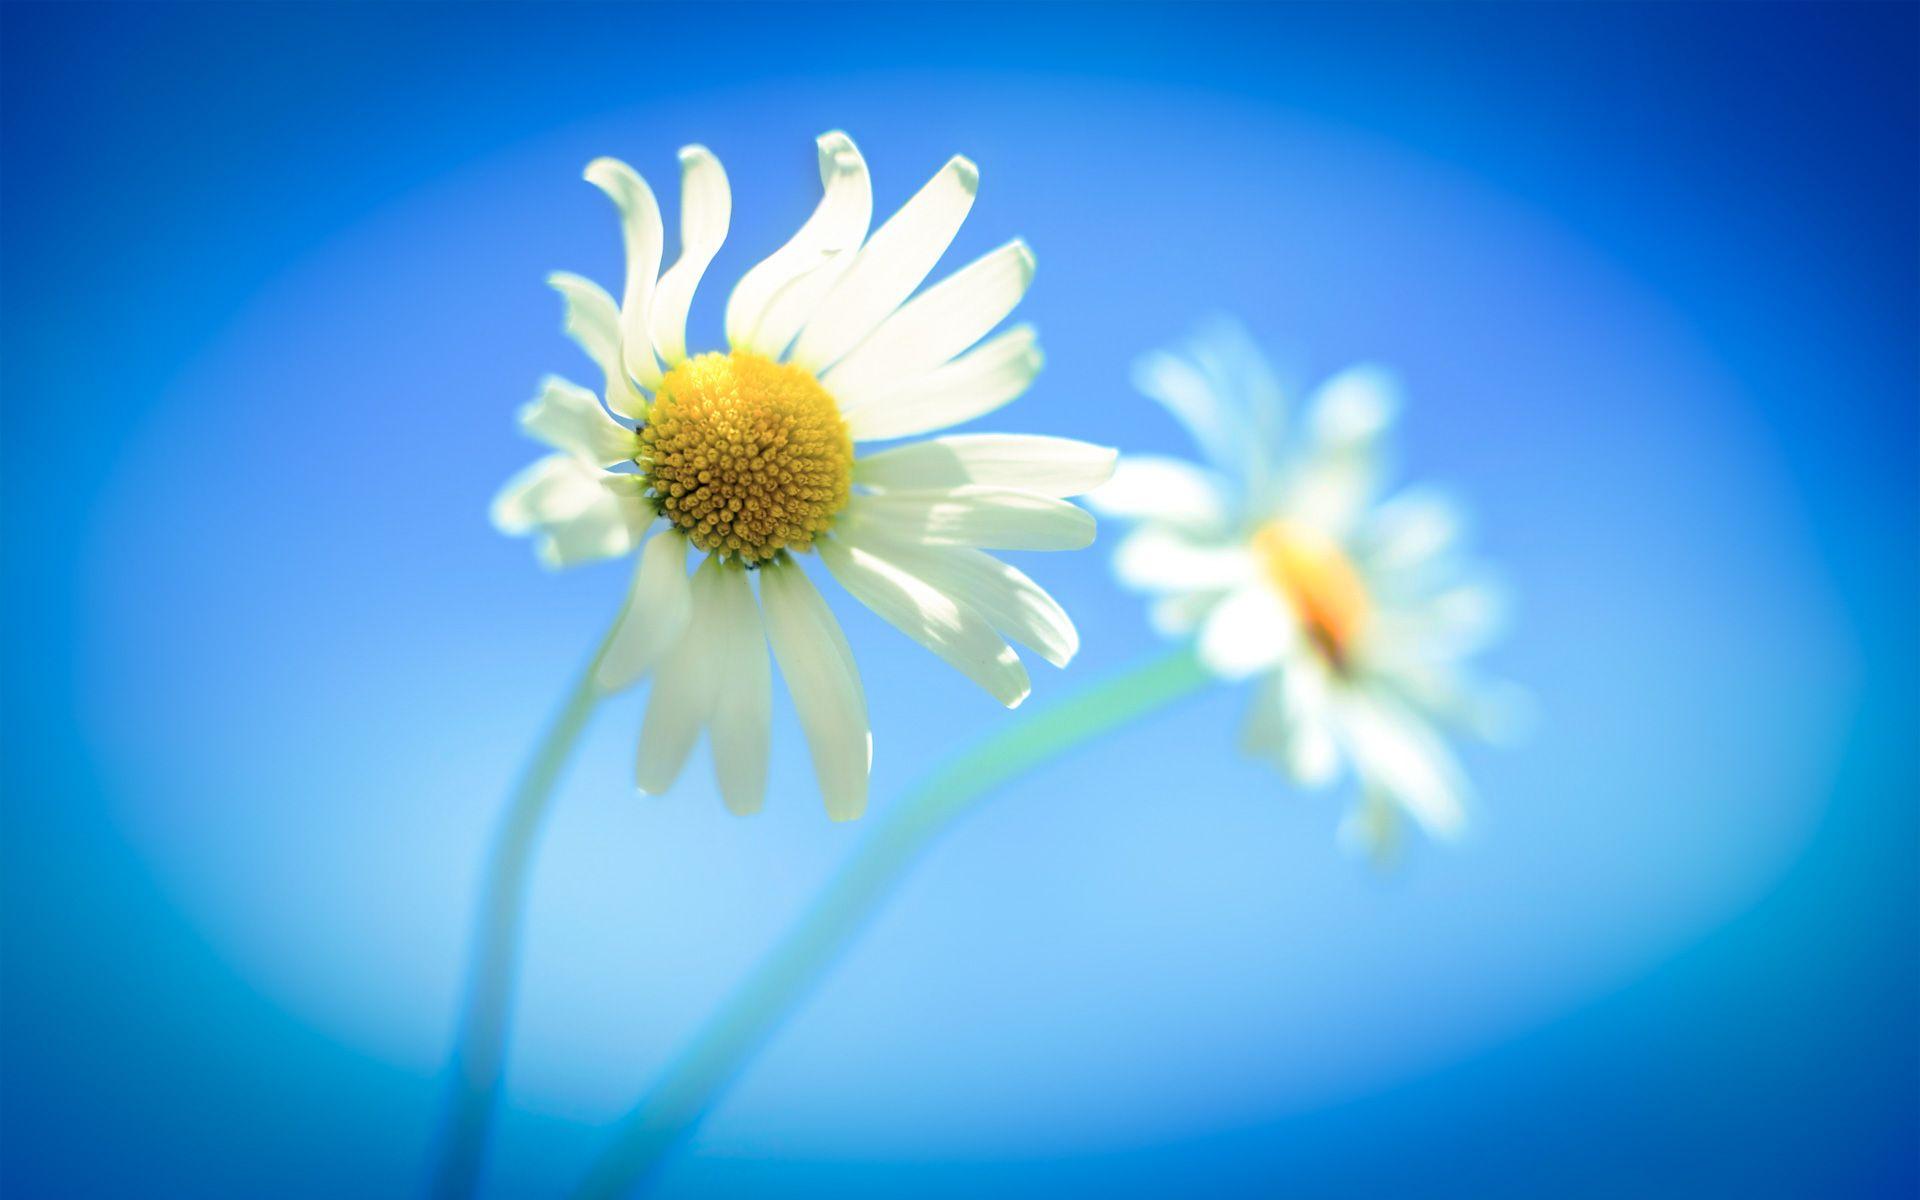 Official Windows 8 1 Flowers Wallpaper Hd Widescreen Picture Image Windows Wallpaper Windows 8 Daisy Wallpaper